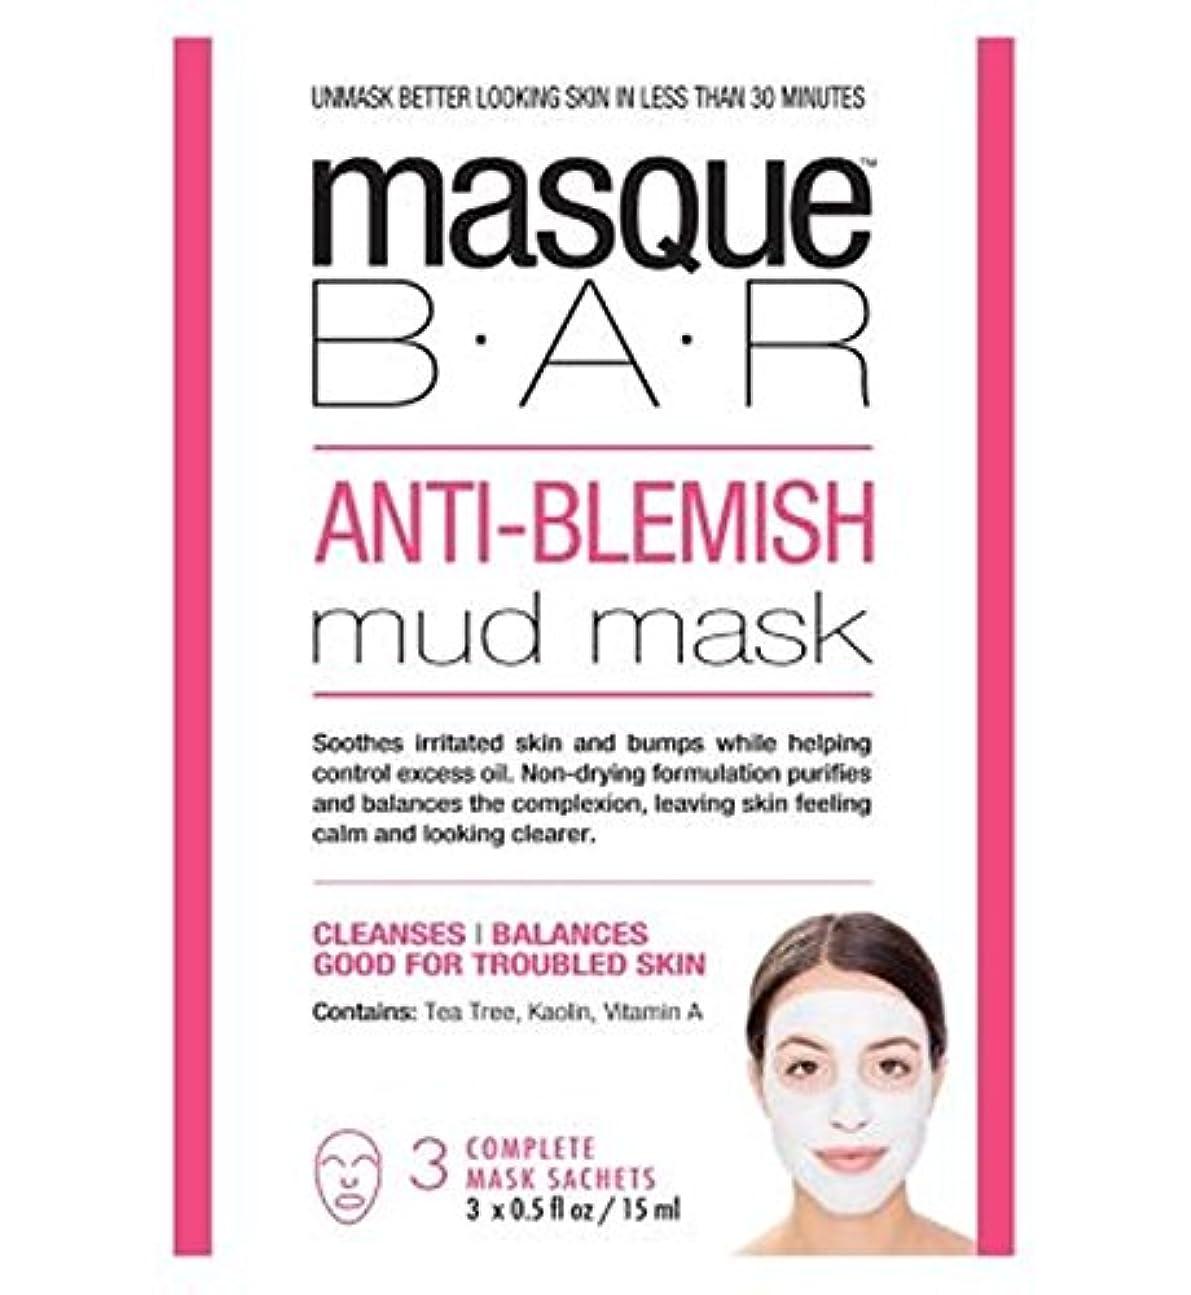 フリンジ力学先史時代の仮面劇バー抗傷泥マスク - 3S (P6B Masque Bar Bt) (x2) - Masque Bar Anti-Blemish Mud Mask - 3s (Pack of 2) [並行輸入品]